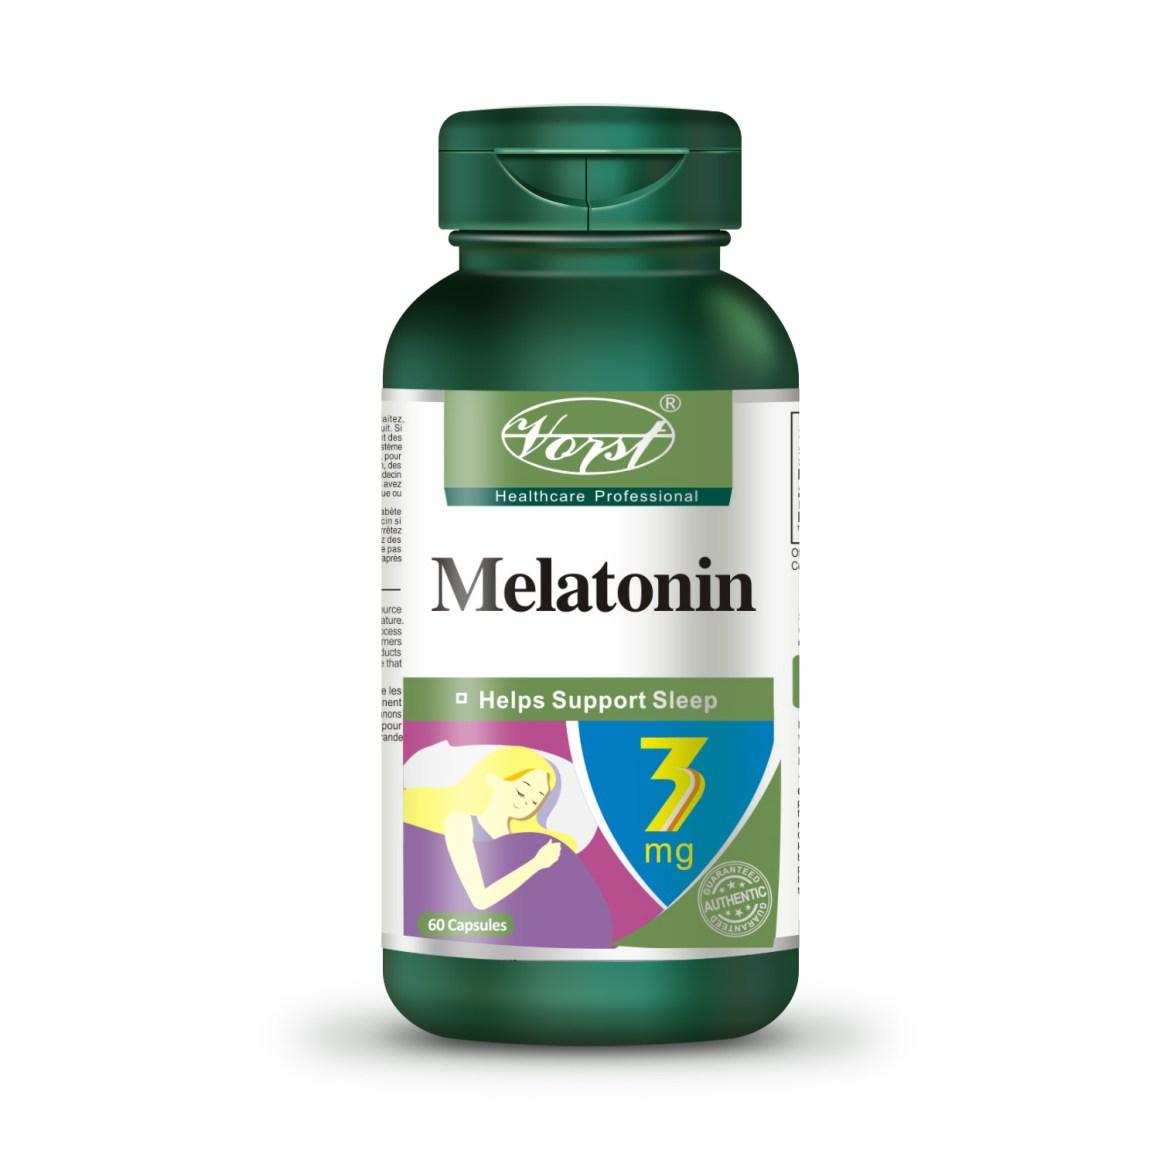 Vorst melatonin 3mg 60 capsules bottle front